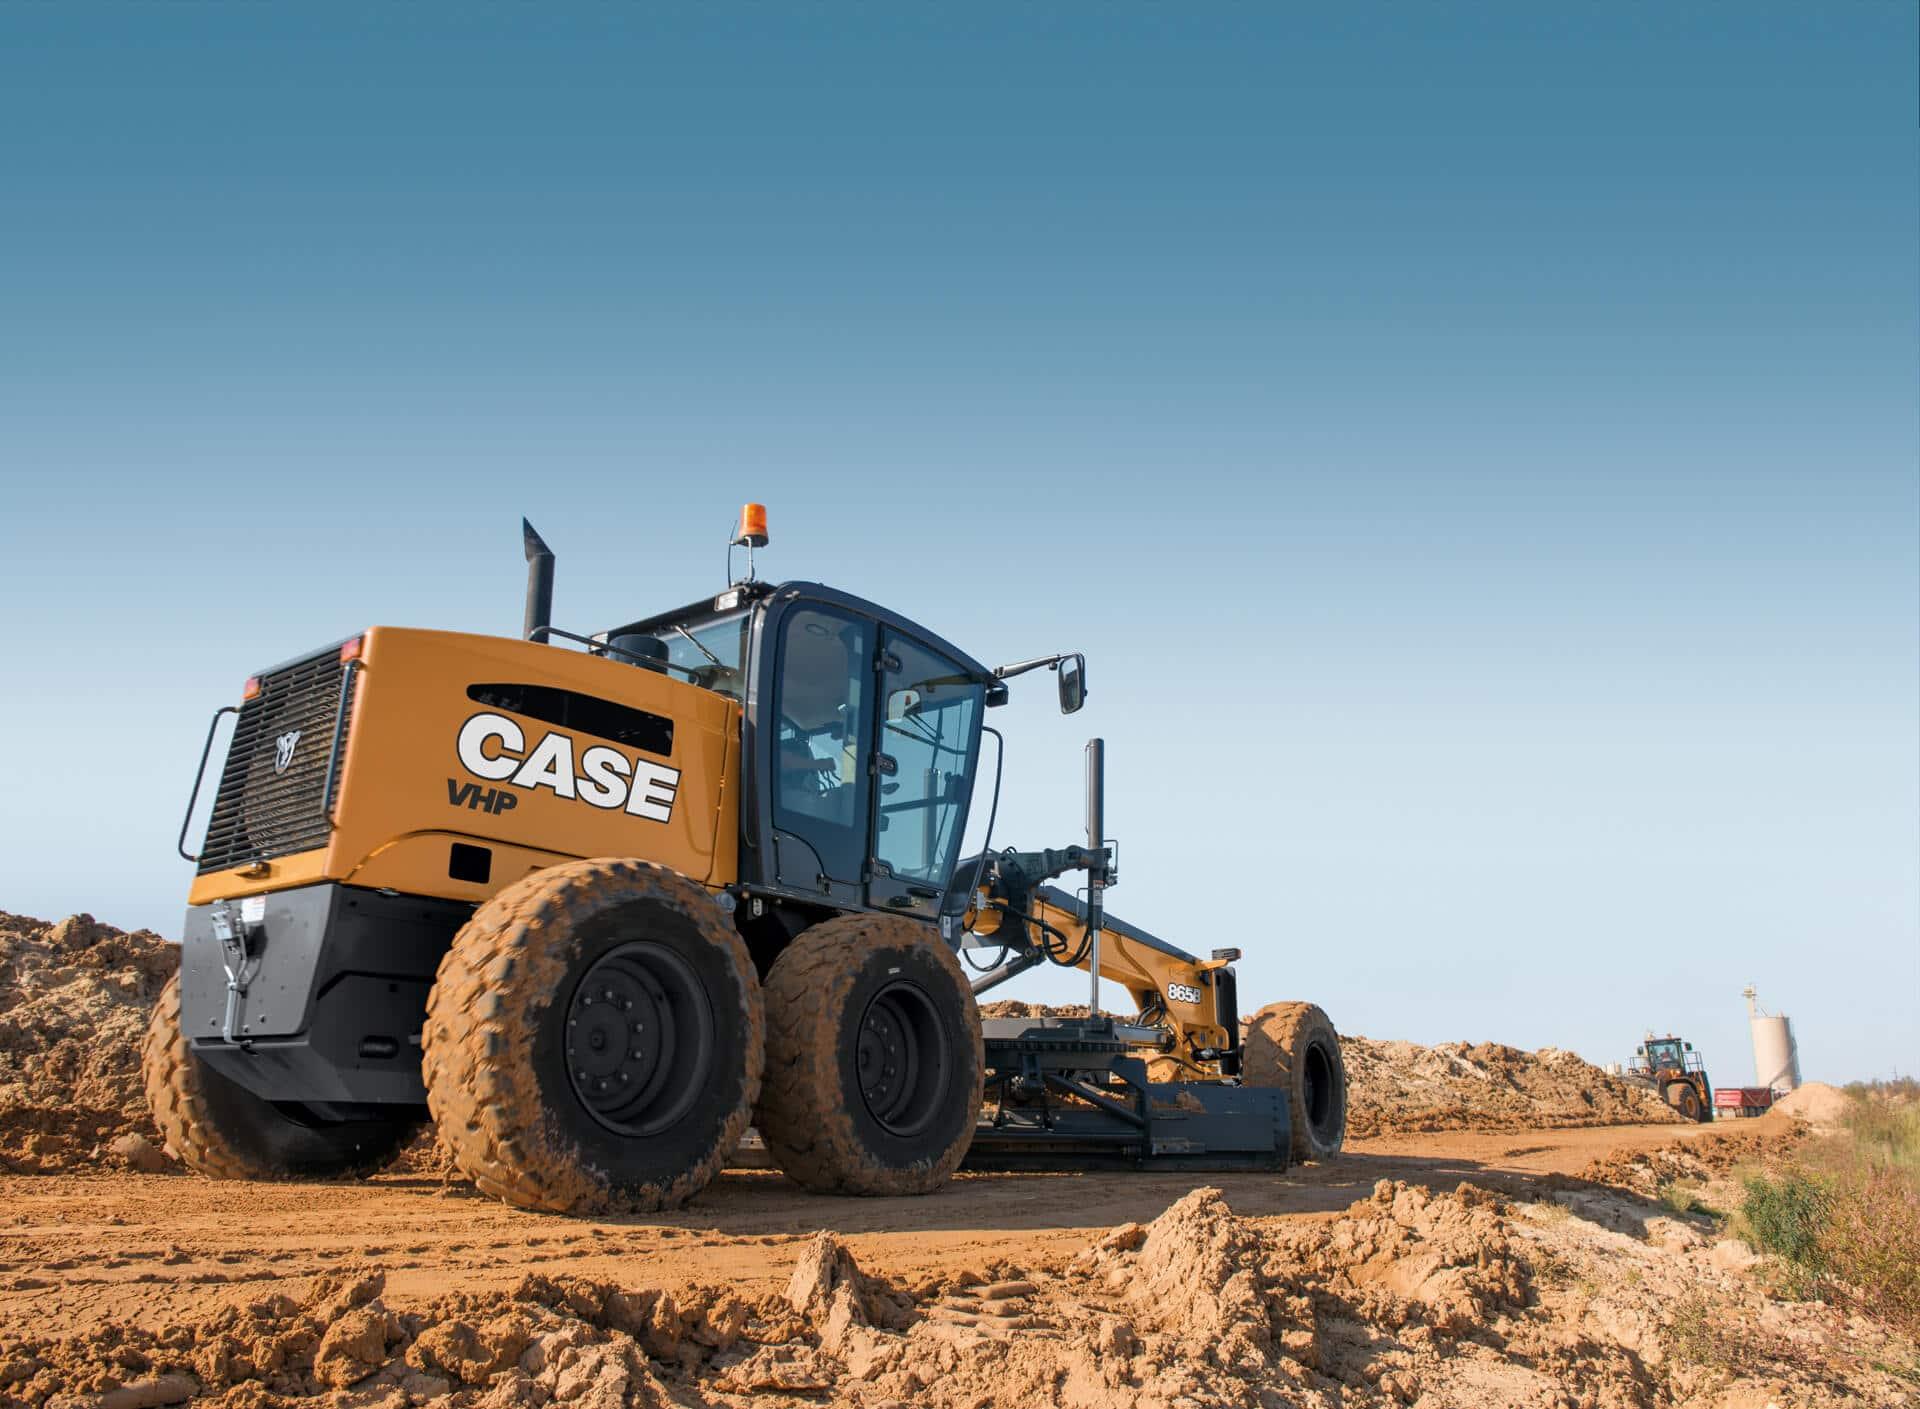 Case 865b Motor Grader Construction Equipment Ih 856 Wiring Diagram Gallery